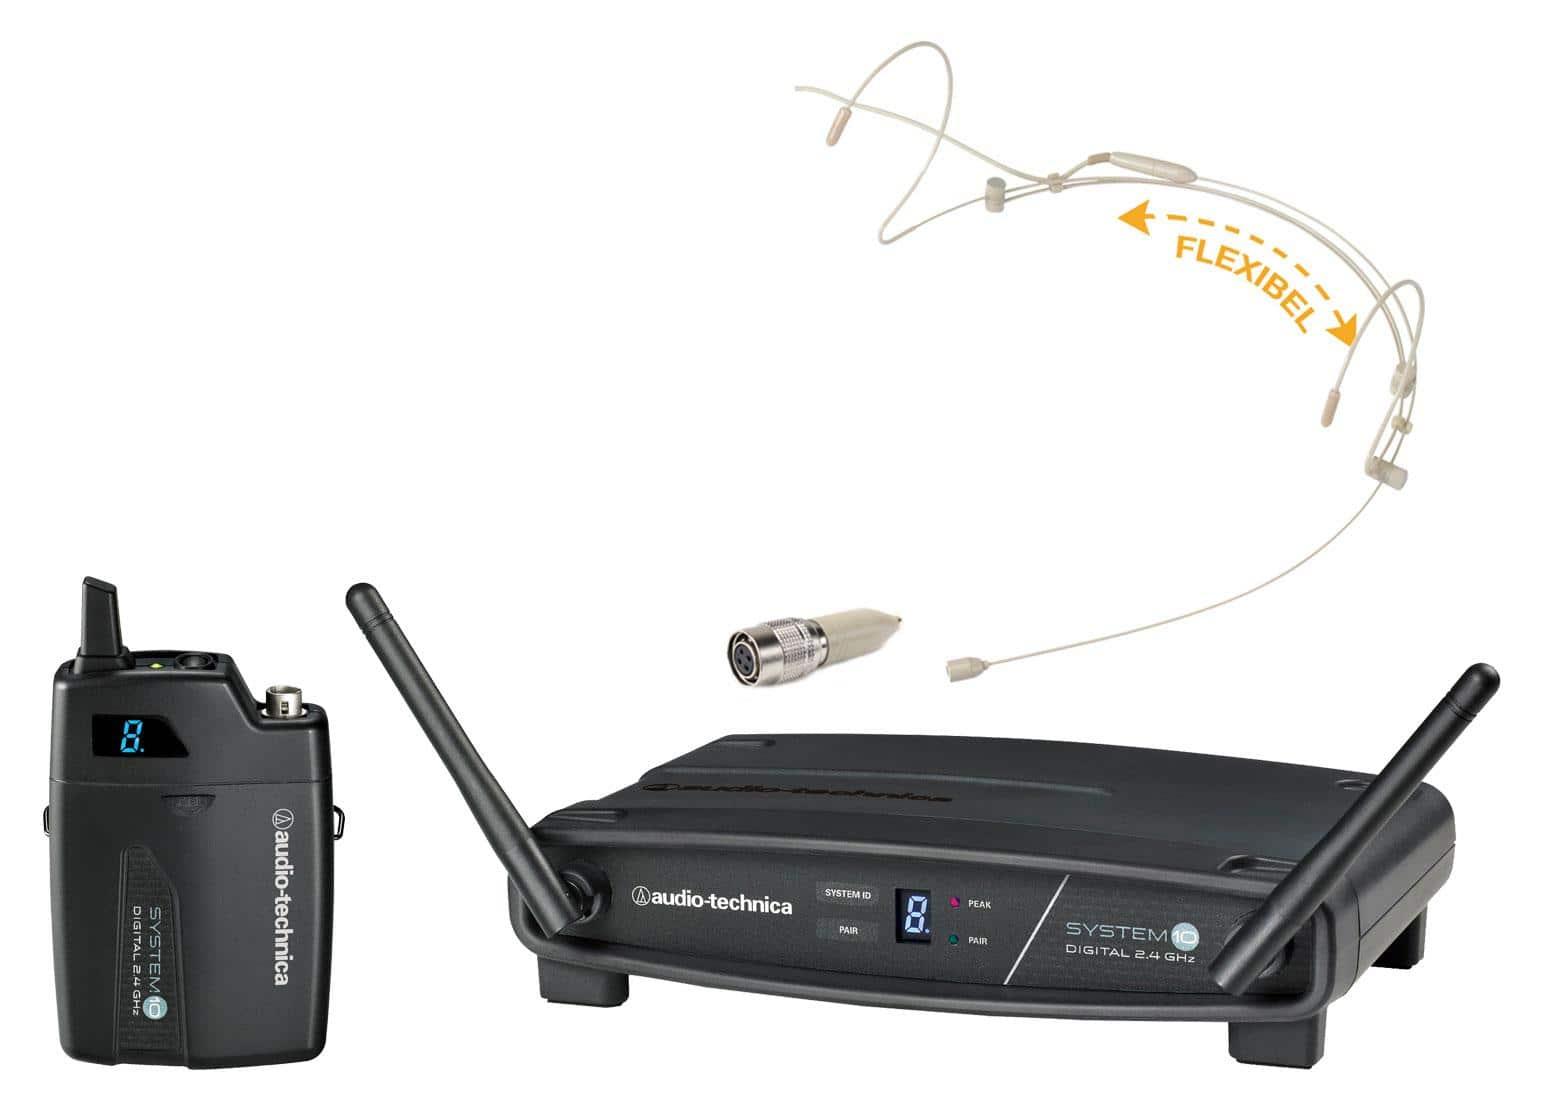 Drahtlossysteme - Audio Technica ATW 1101 Komplettset inkl. Headset Beige Funkadapter - Onlineshop Musikhaus Kirstein